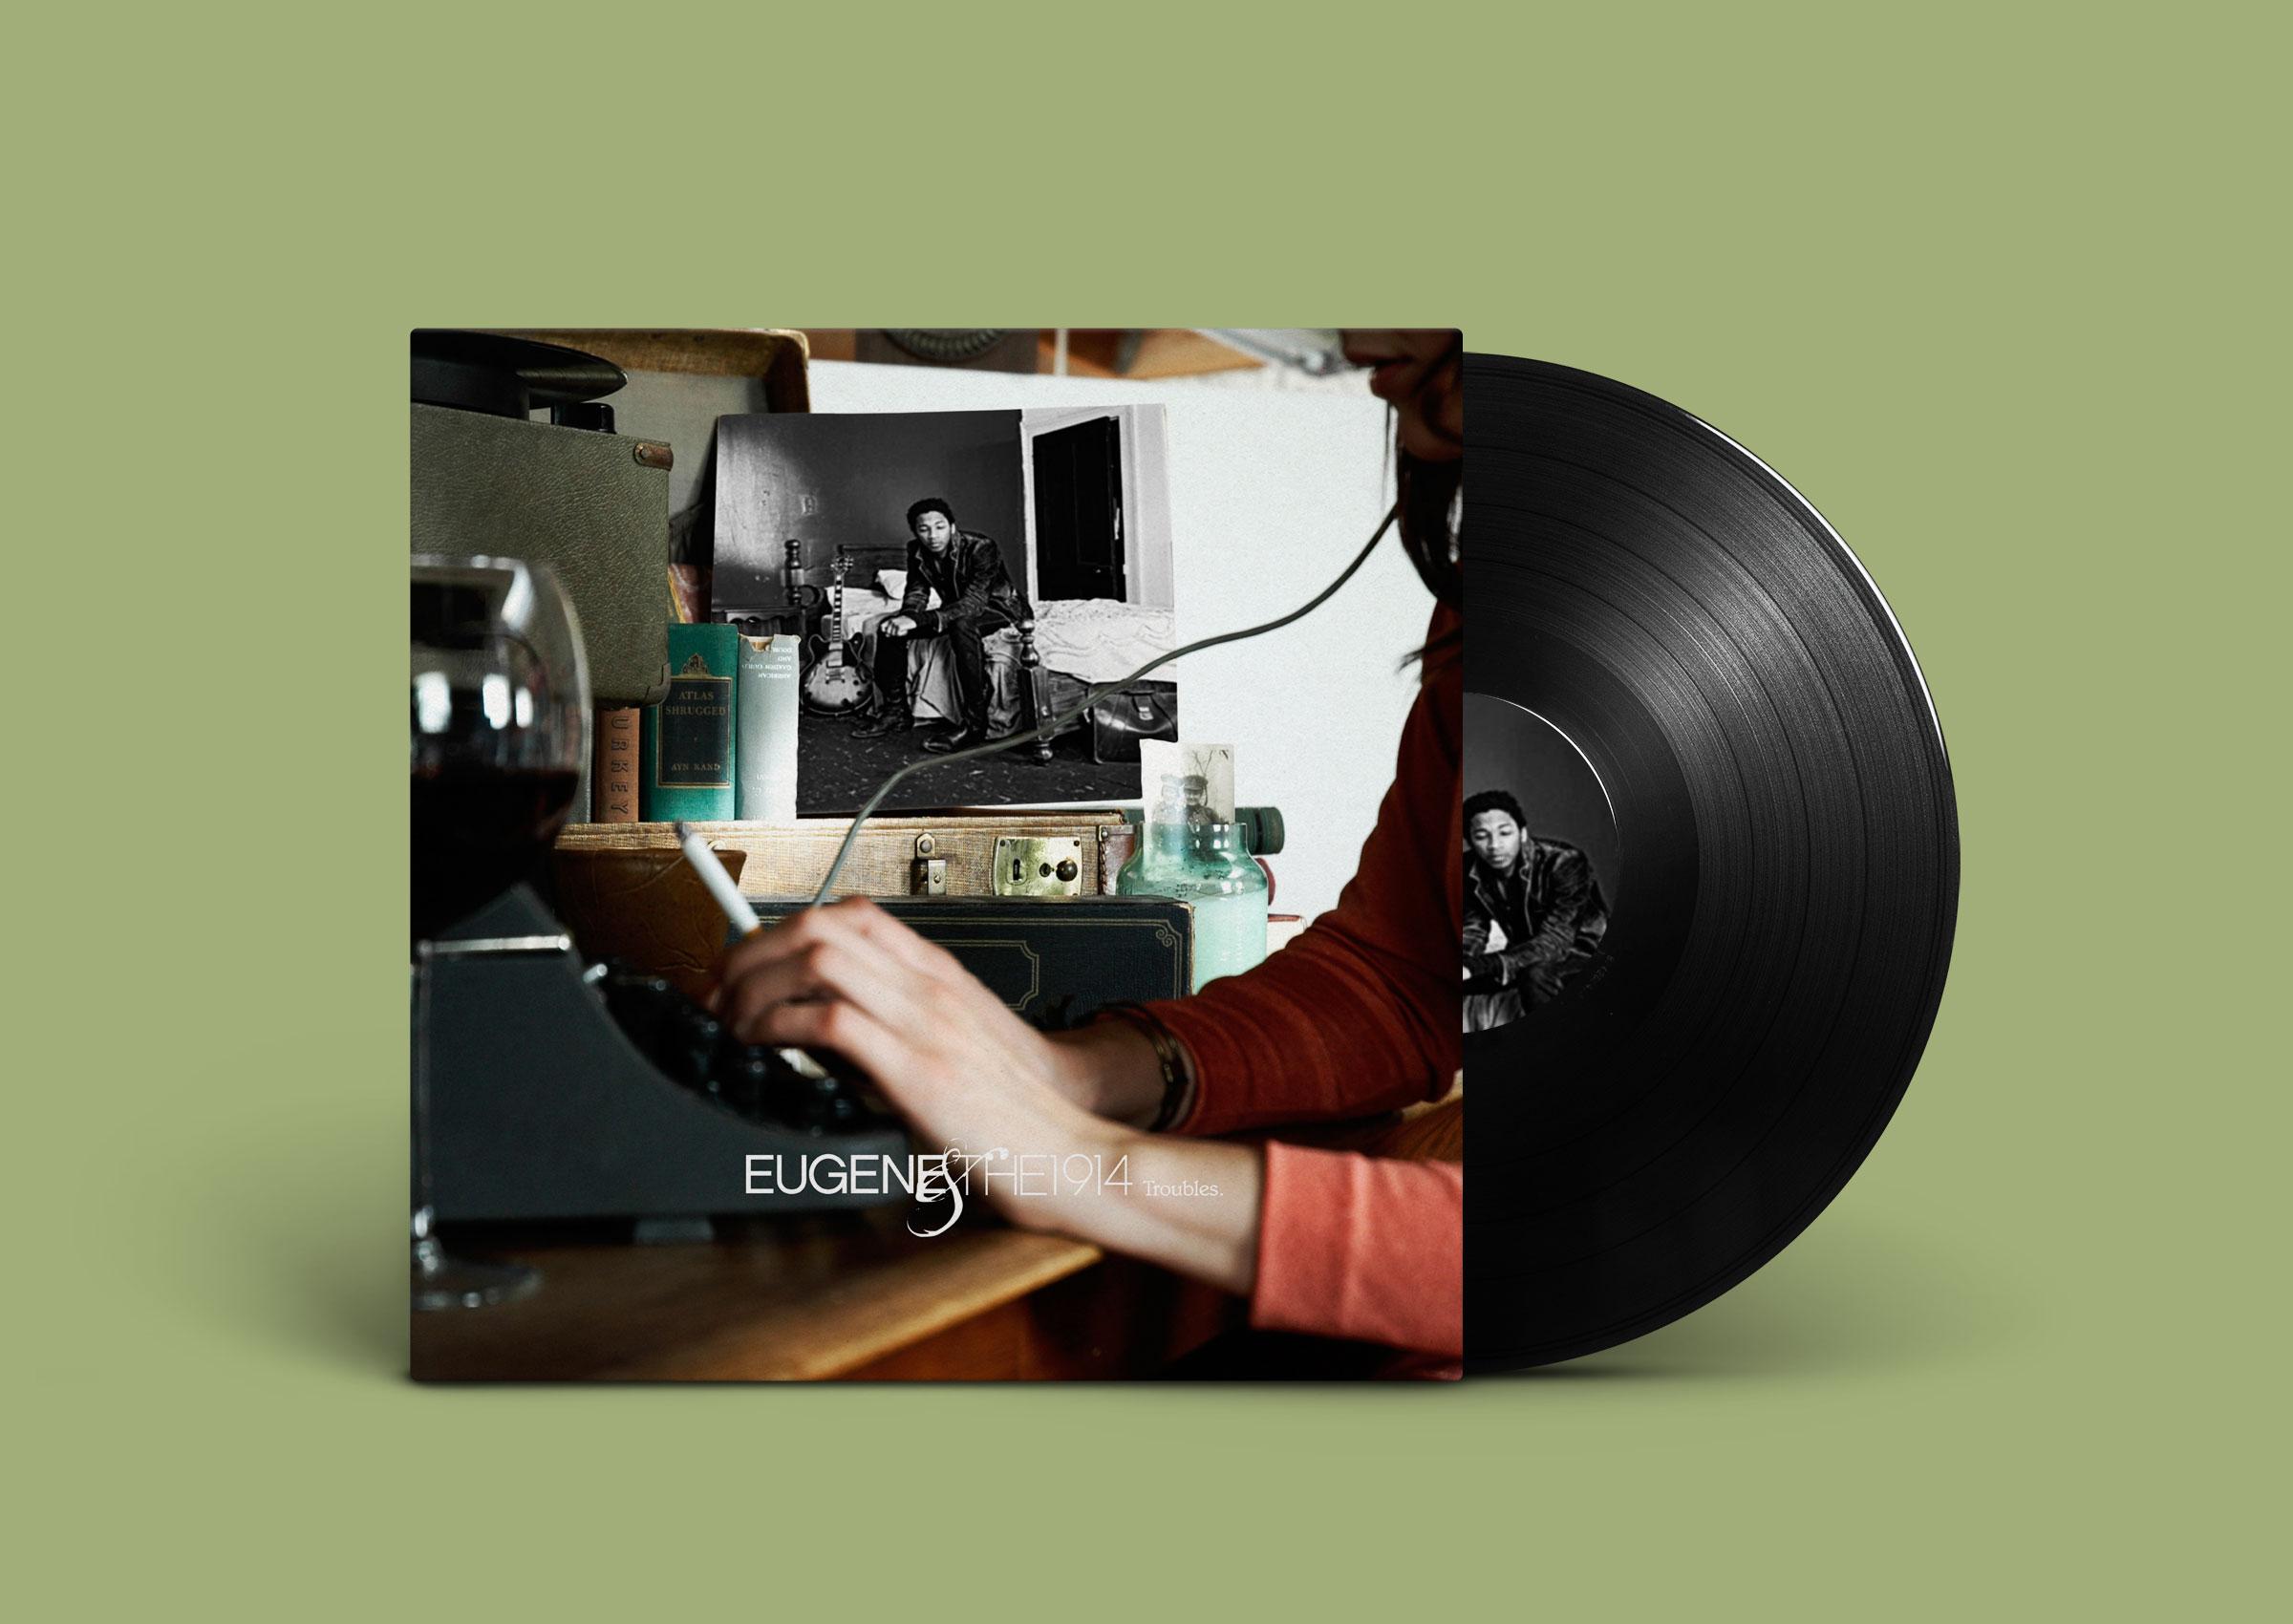 Vinyl-Record-PSD-MockUp-191401.jpg